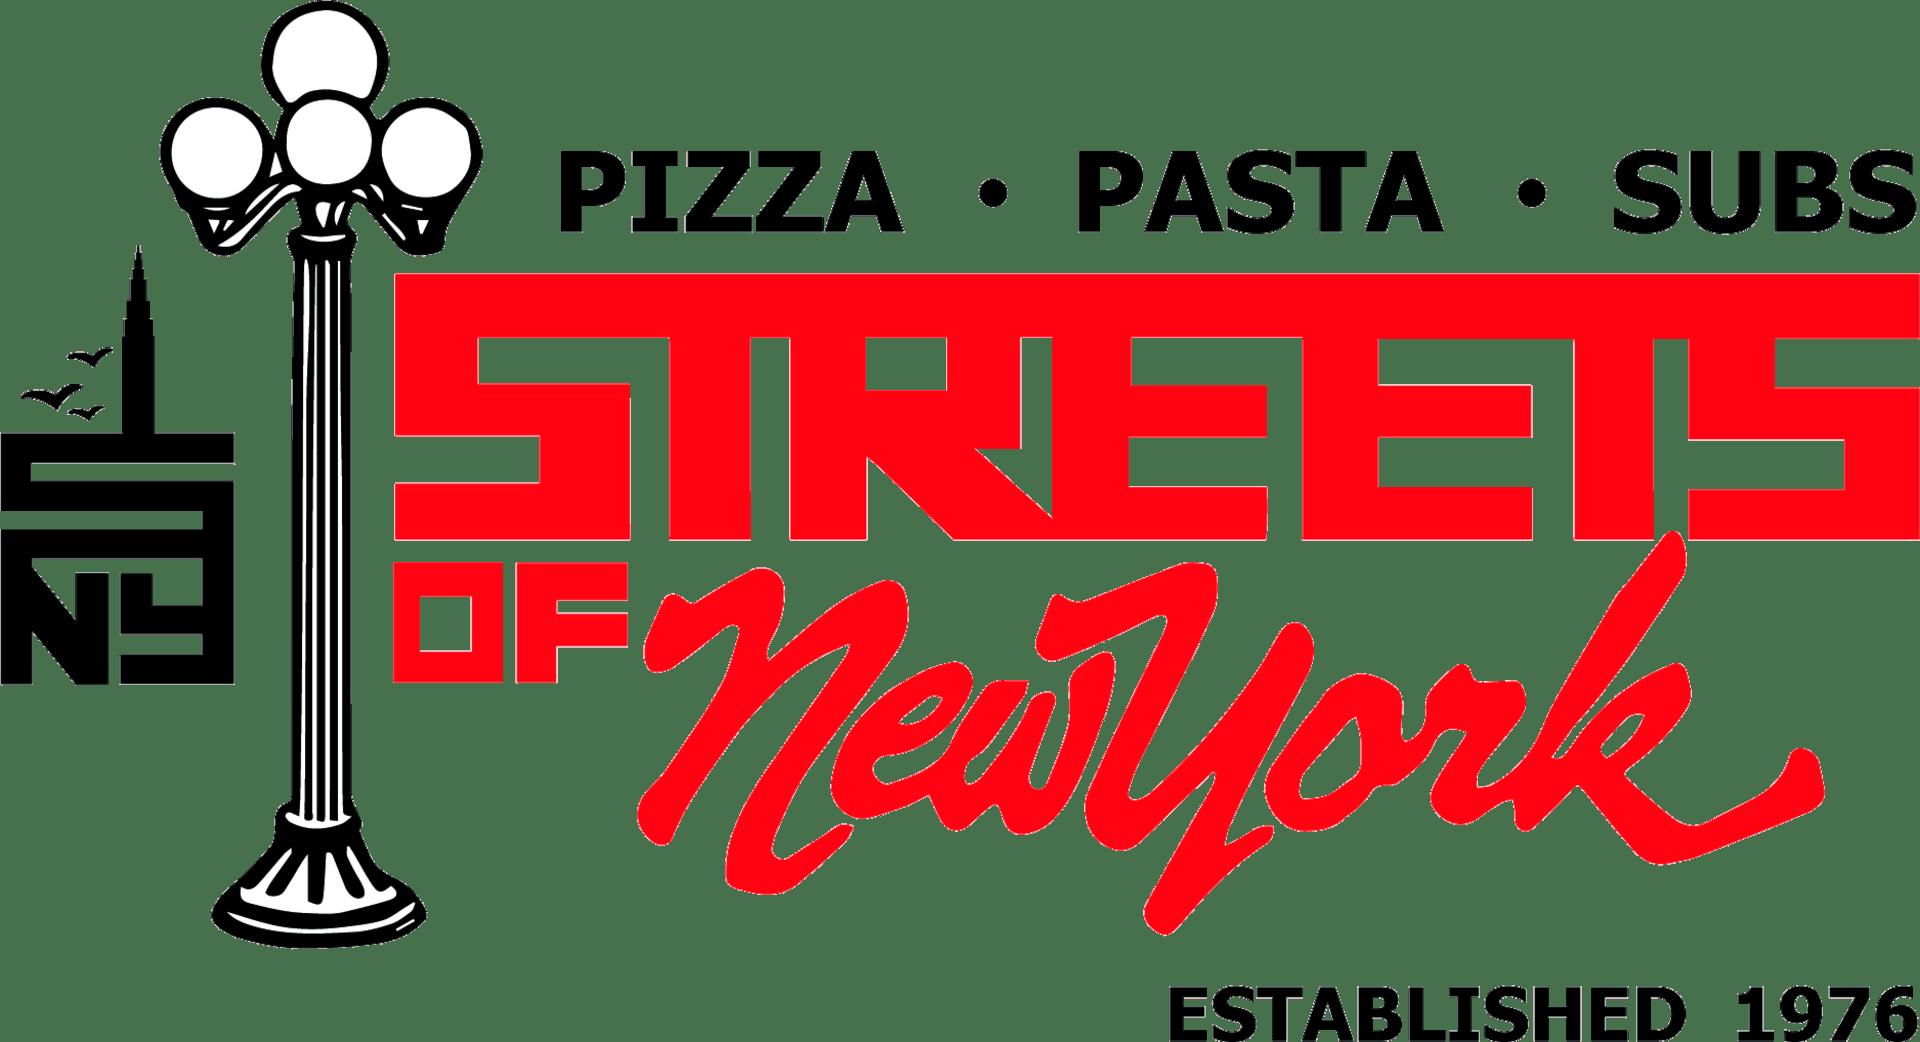 Phoenix Old World Italian Restaurant